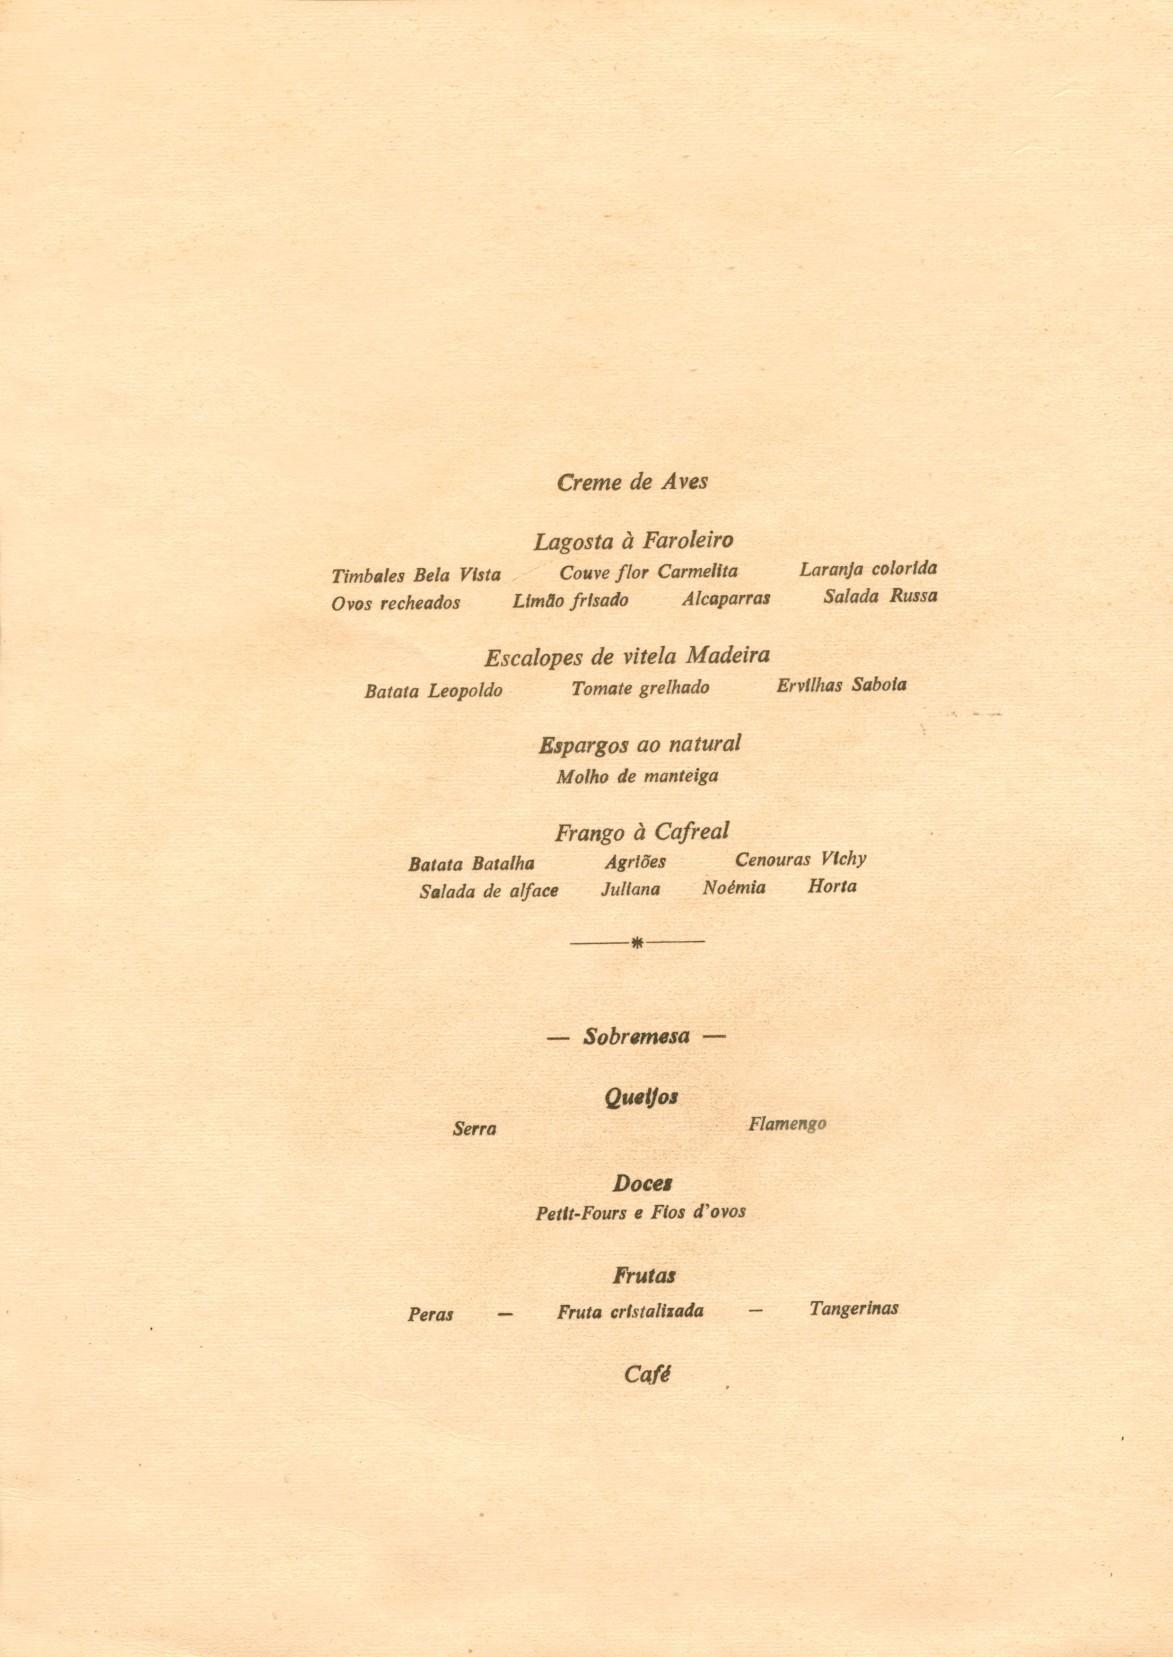 00593 971-12-27 ementa do jantar de despedida dos militares transportados à Guiné